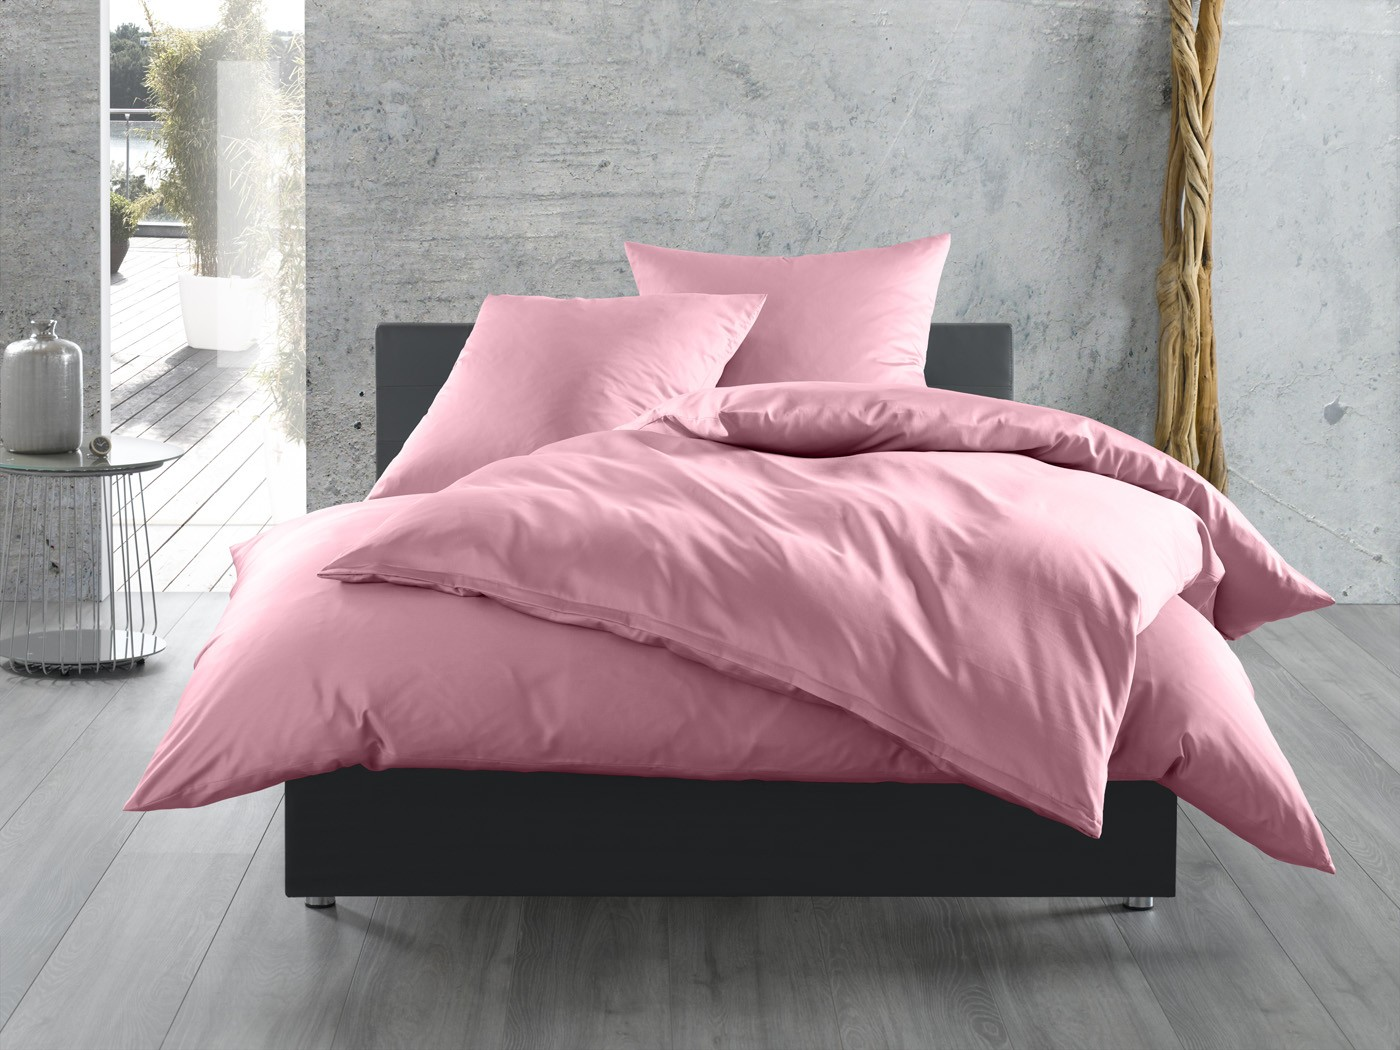 einfarbige bettw sche in rosa bettwaesche mit stil. Black Bedroom Furniture Sets. Home Design Ideas